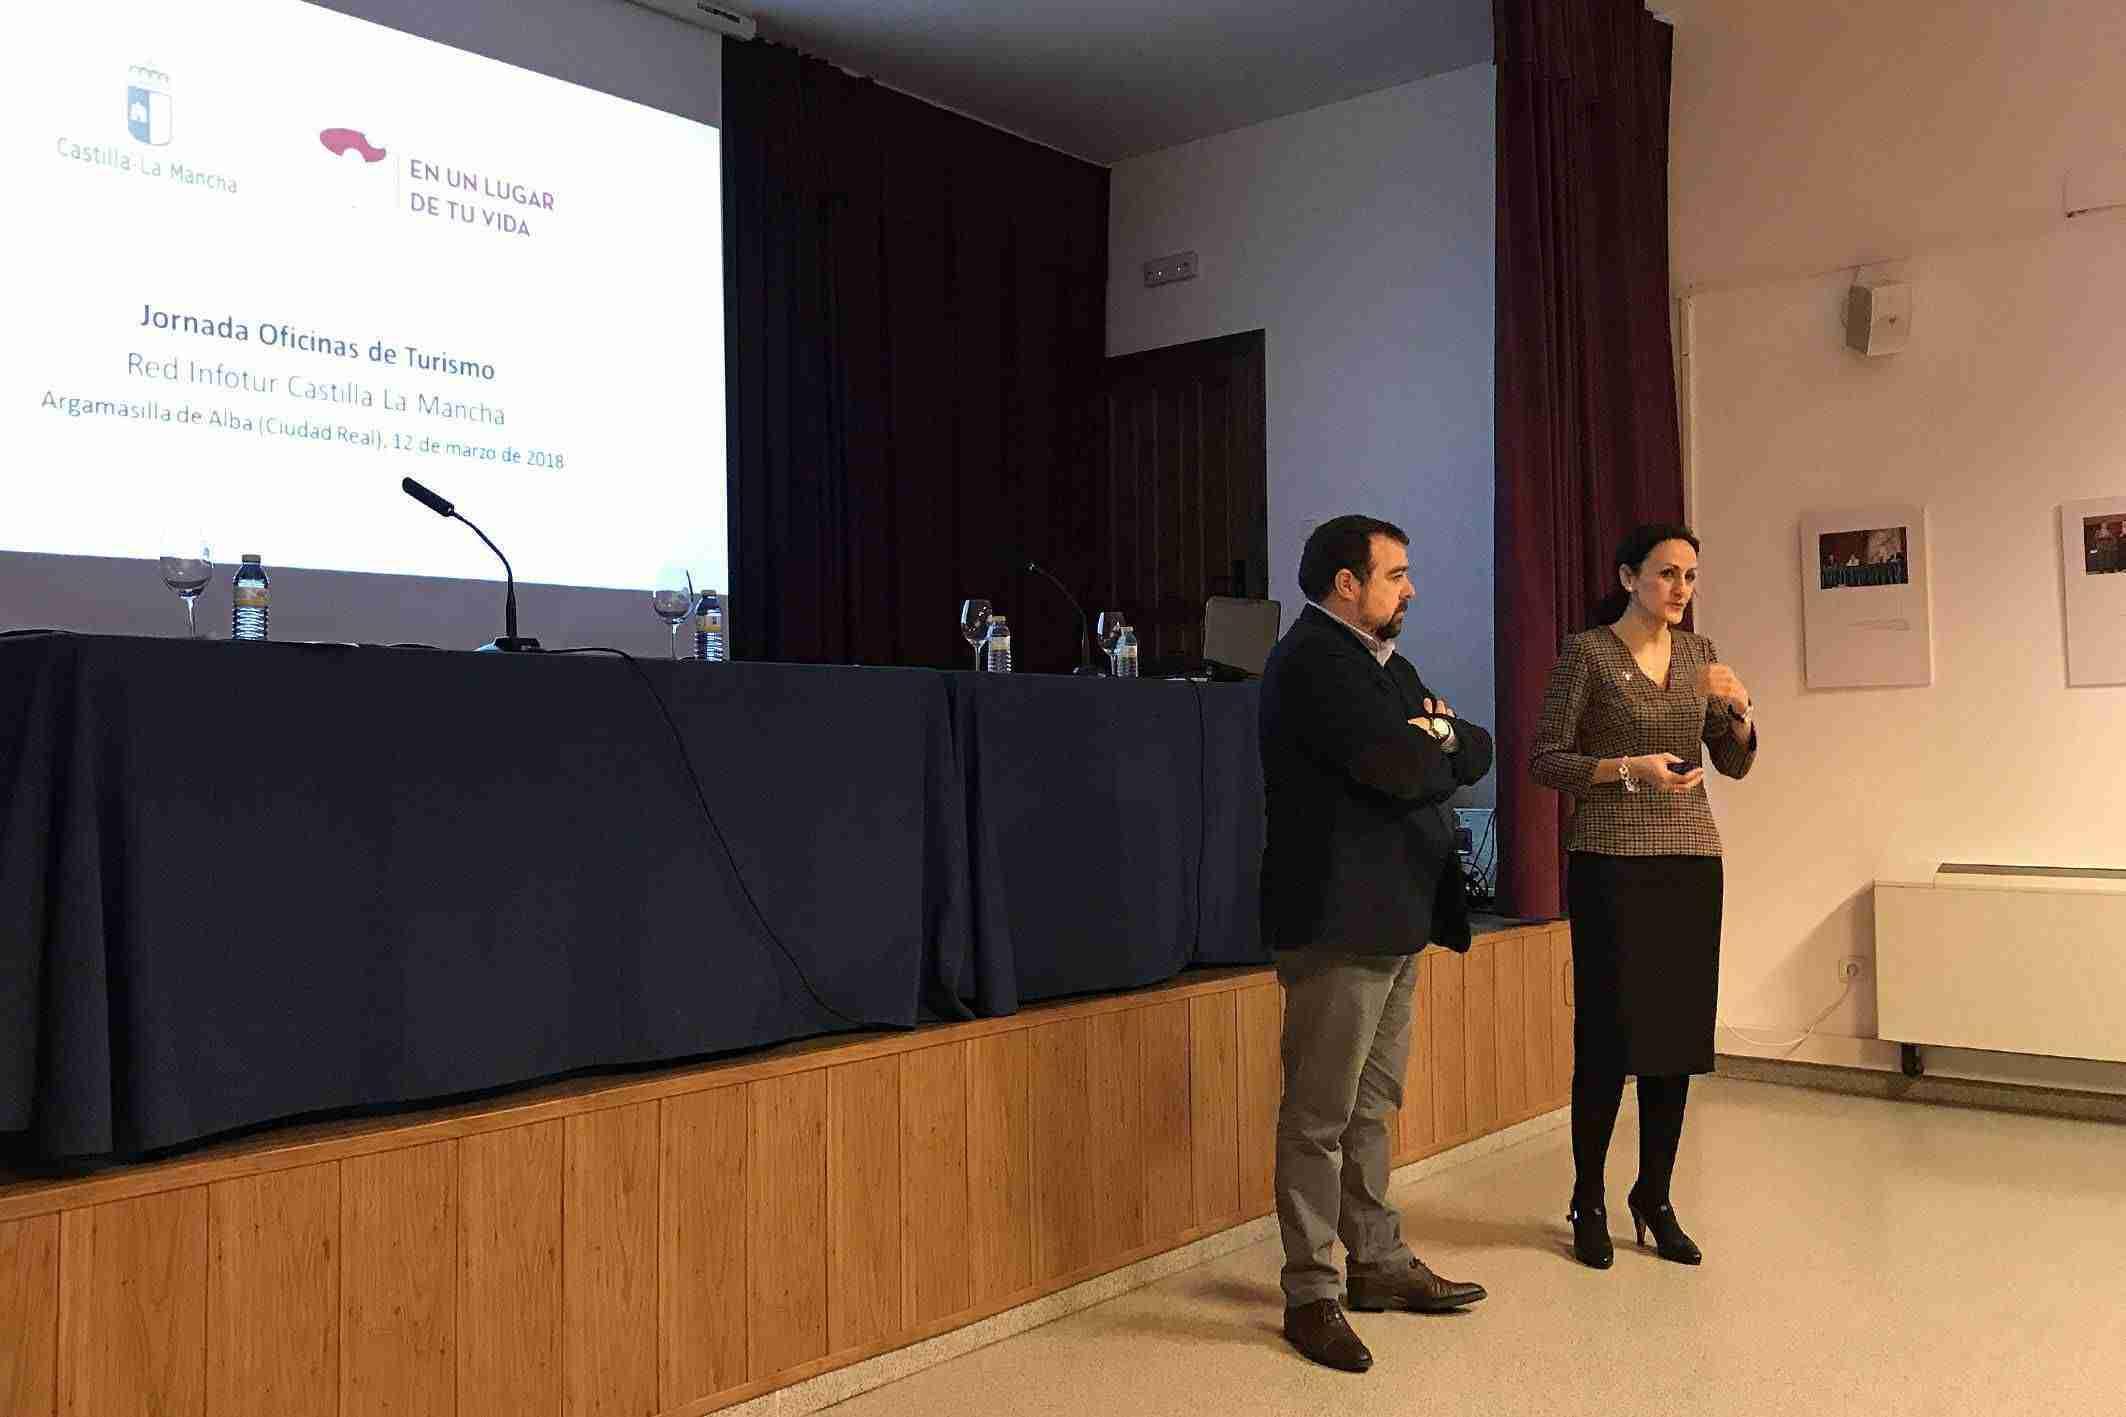 Argamasilla de Alba acoge la jornada formativa de informadores de turismo de Ciudad Real 3